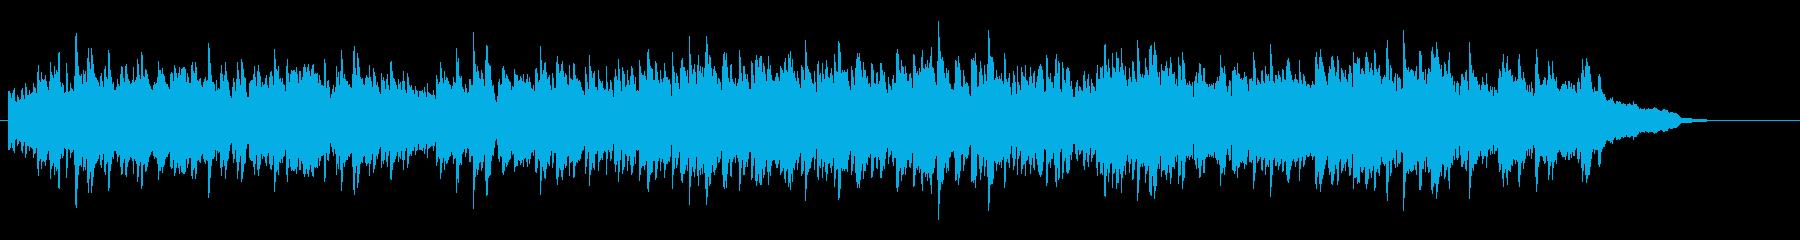 Tranquil Pianoの再生済みの波形